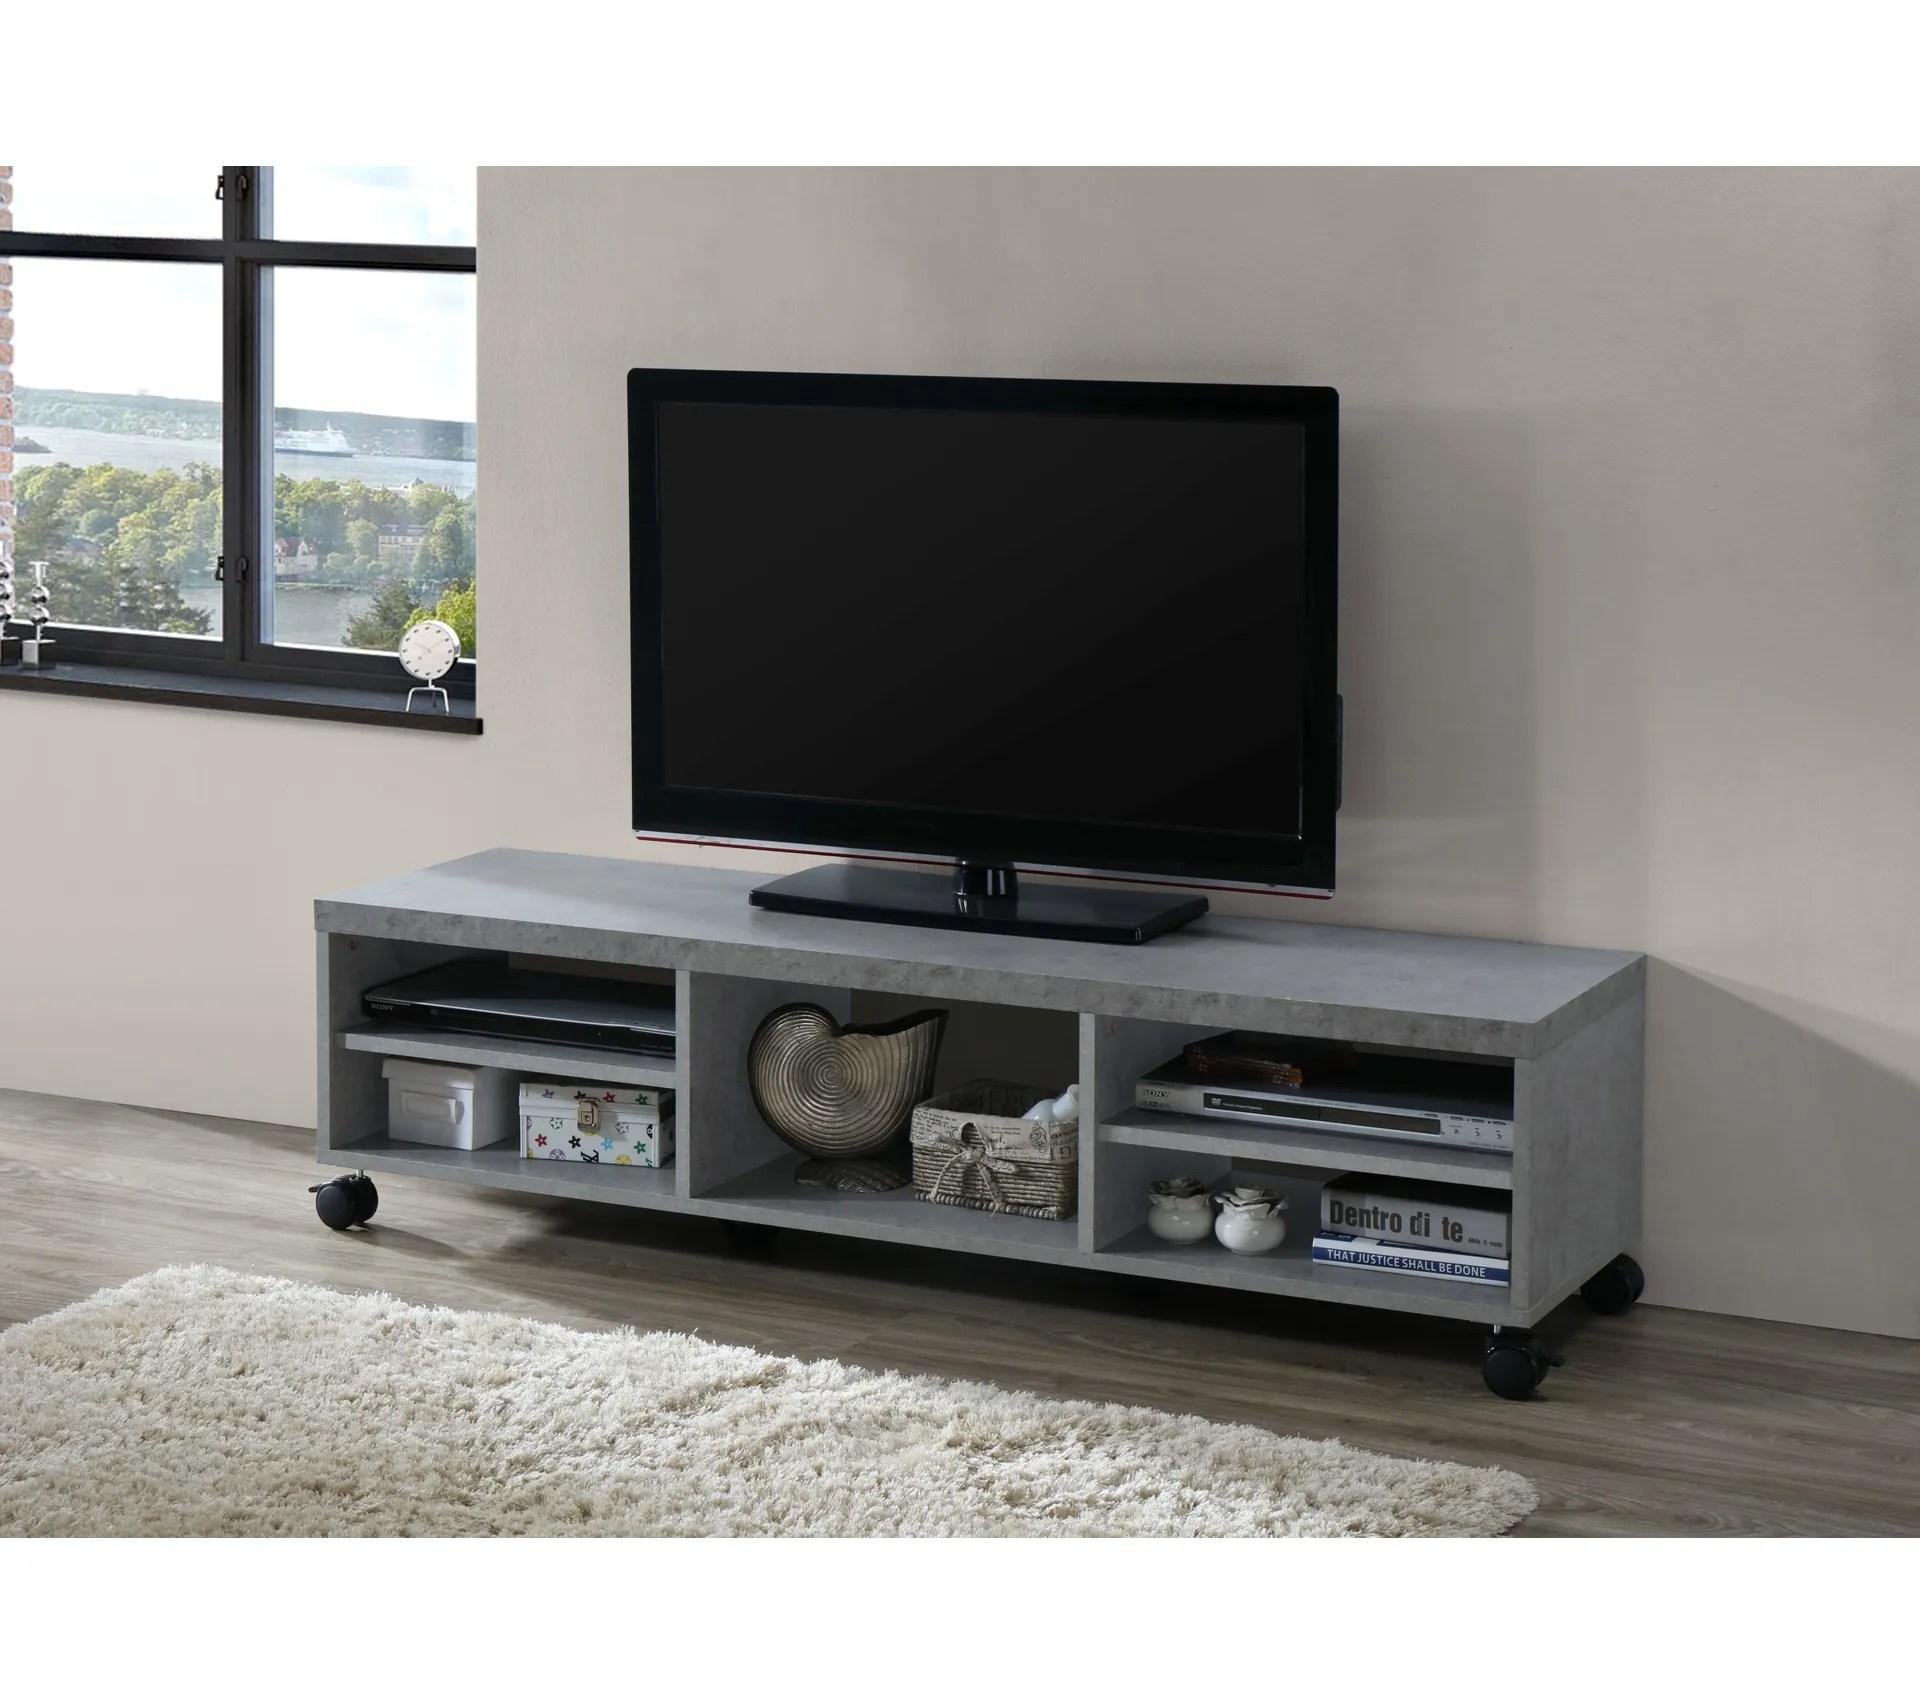 meuble tv next 3 beton